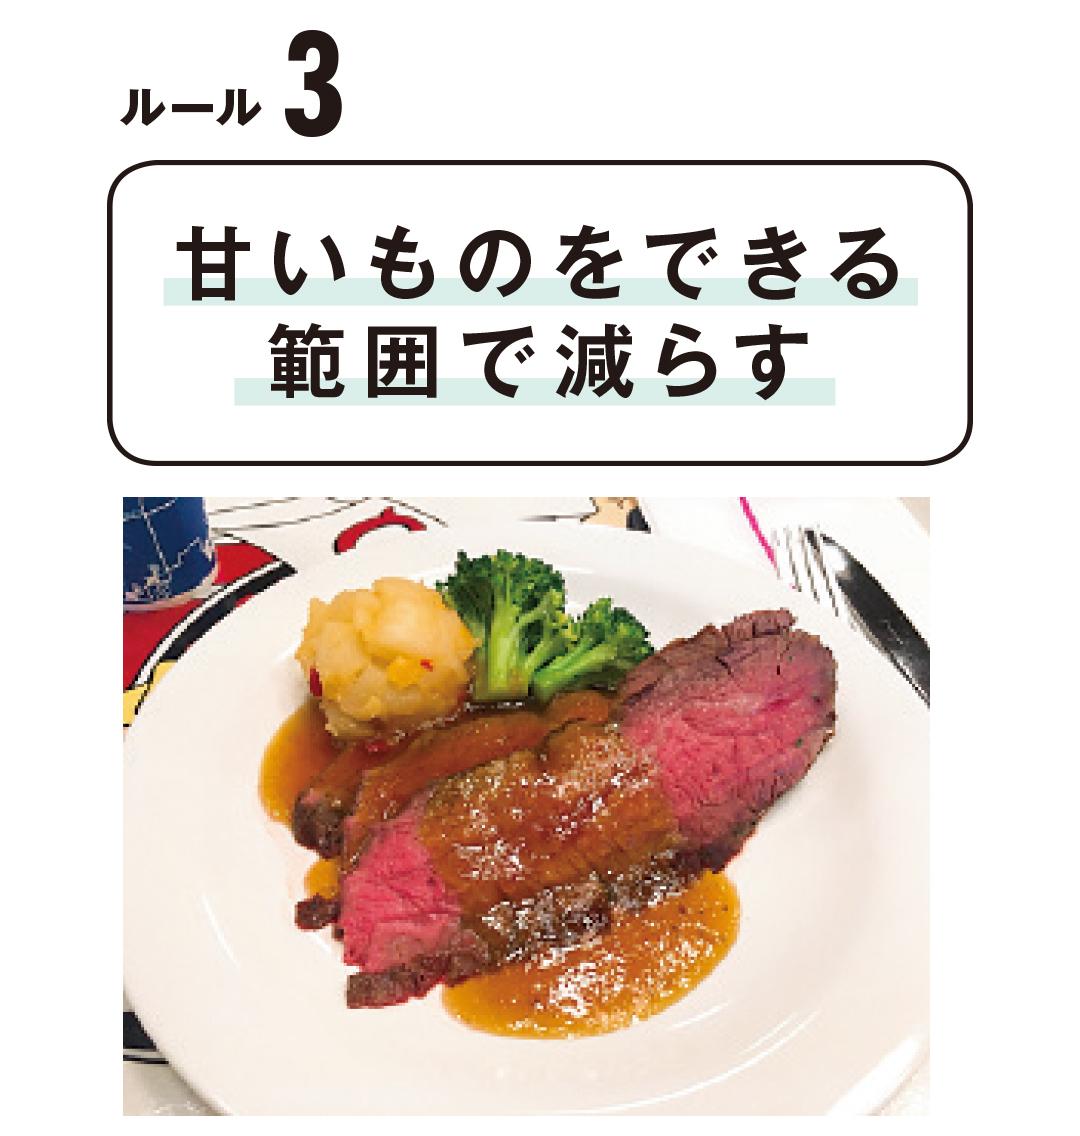 食べ物で痩せたい人必見! 専属読モ・細野ゆうかさんが-3.6kgを達成した6つのルール_1_2-3